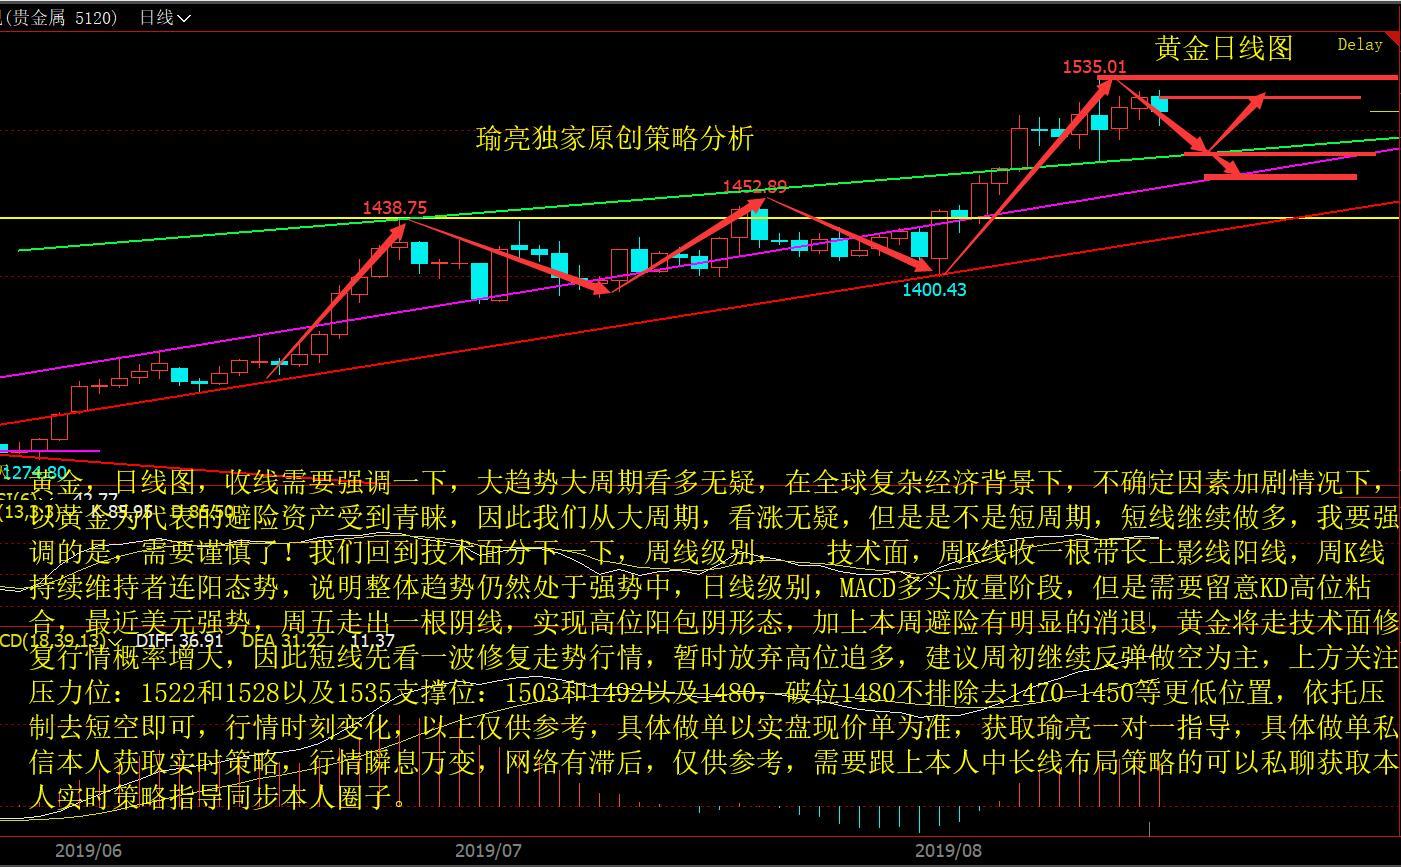 黄瑜亮:周评黄金大趋势多头依旧,短